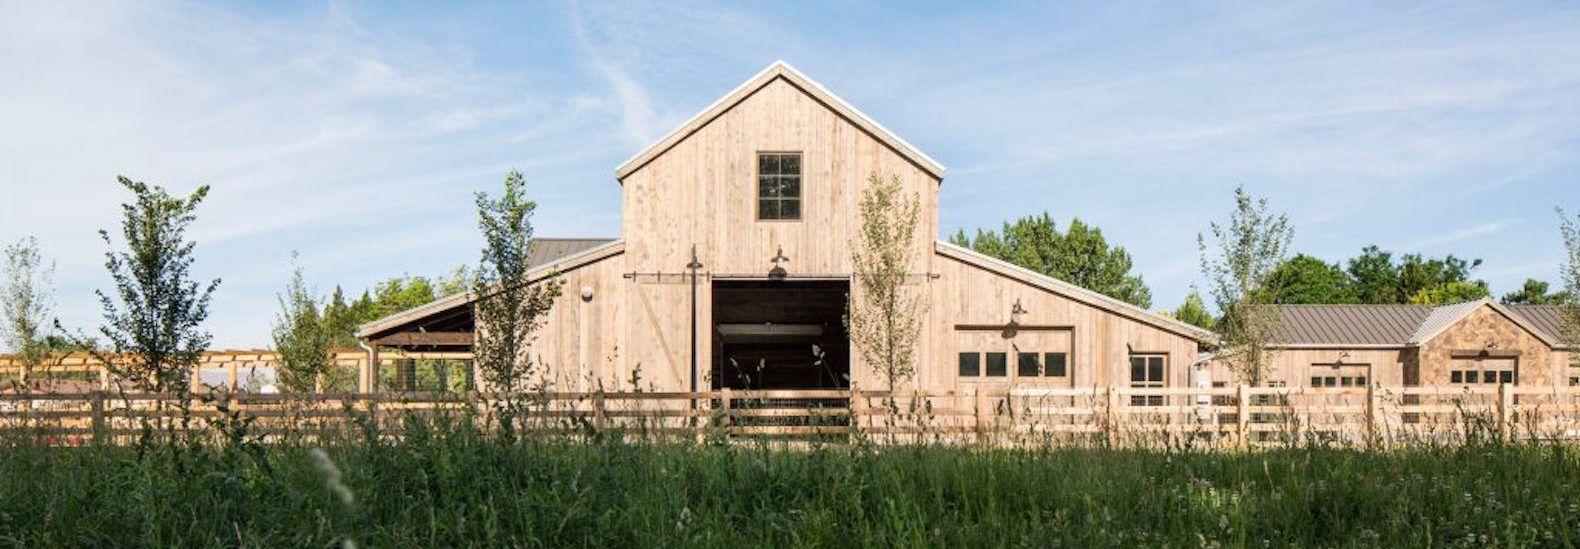 Lloyd Architects designed Snuck Farm, a beautiful modern